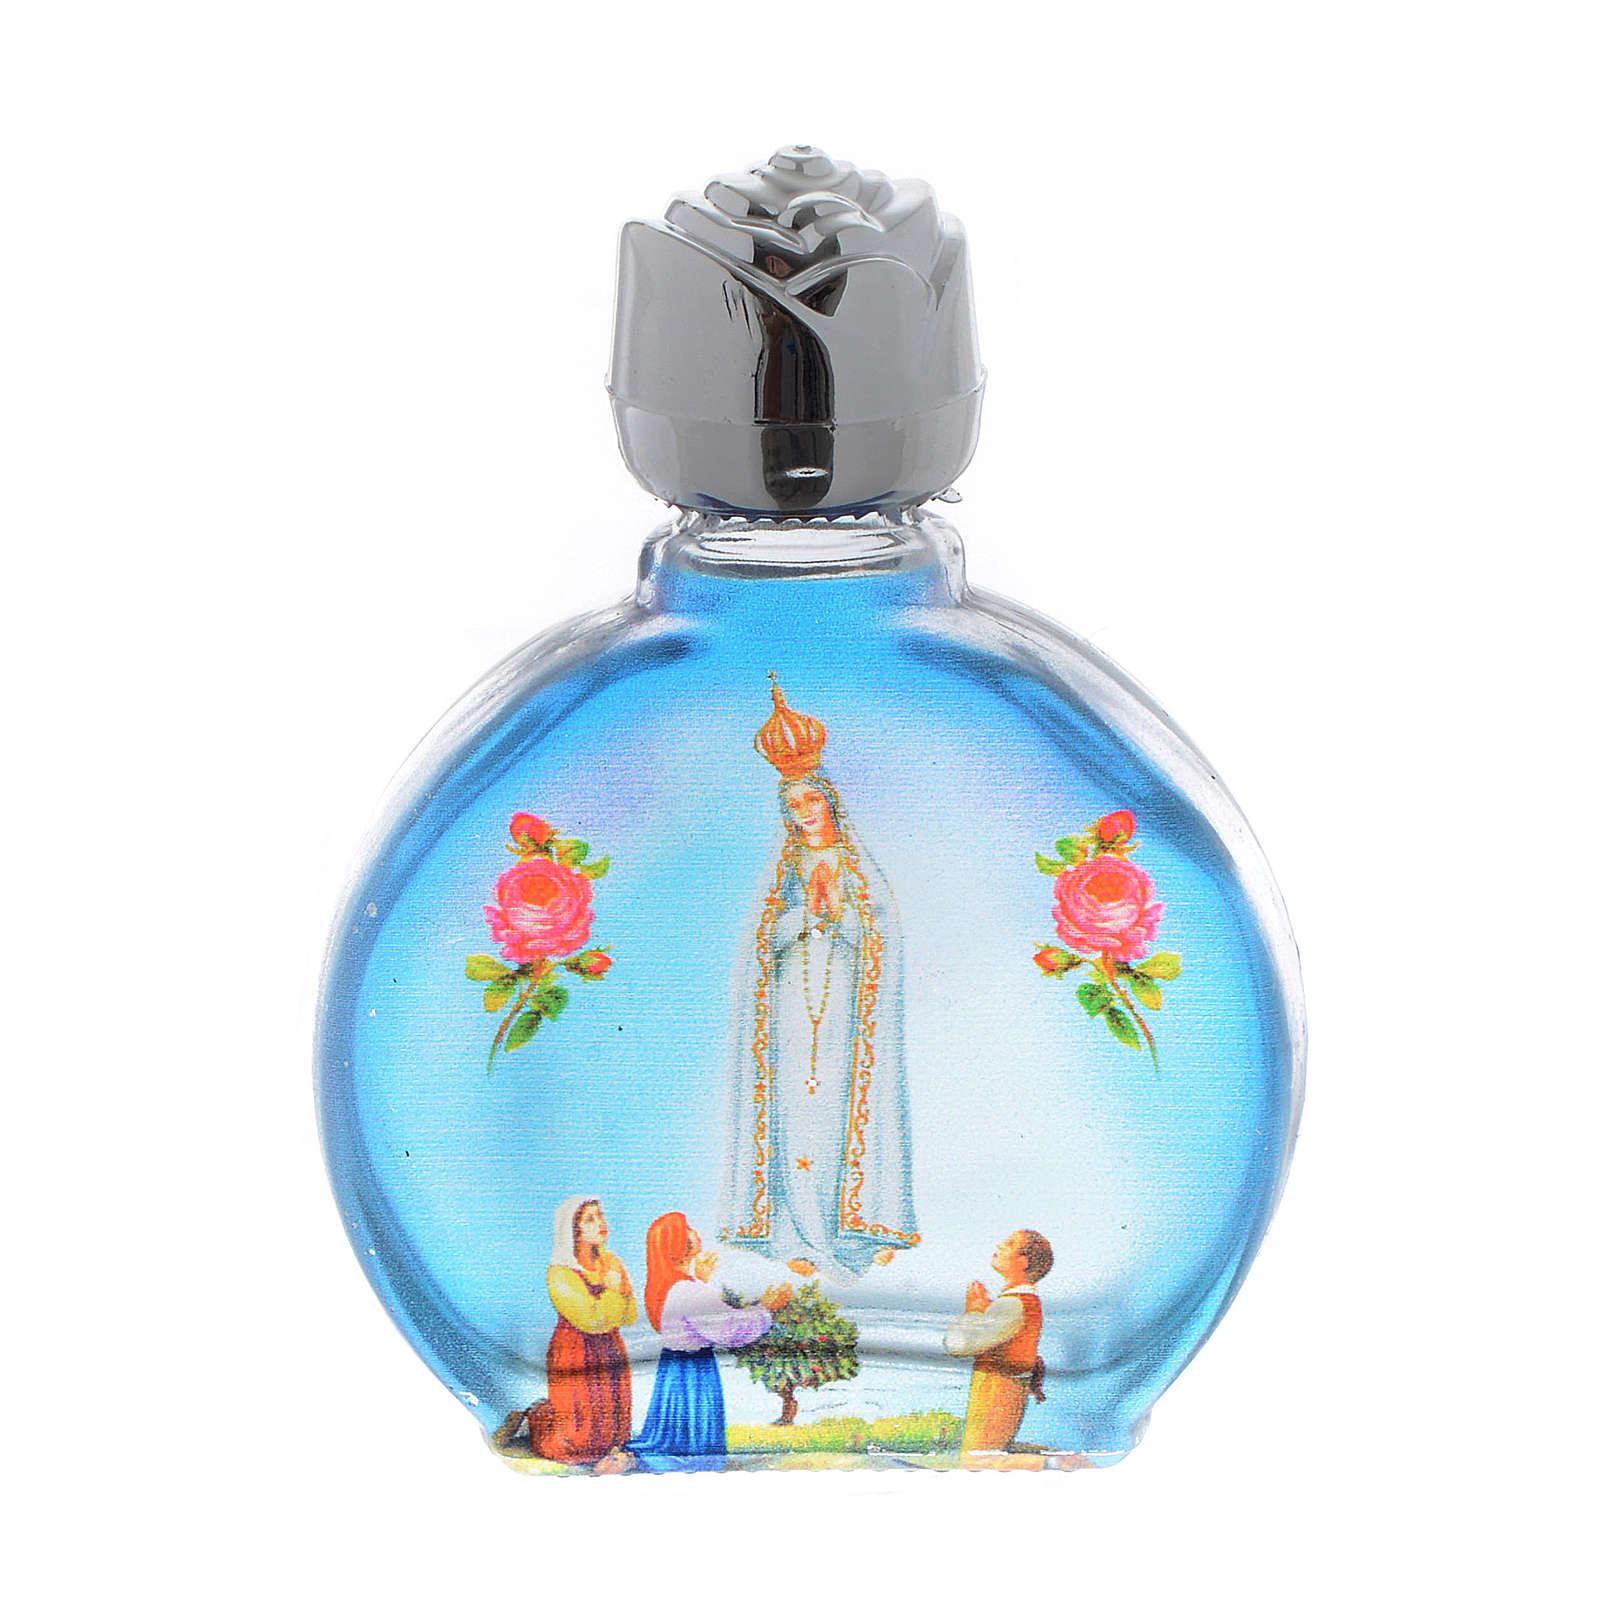 Bottiglietta per acquasanta vetro Madonna di Fatima 3